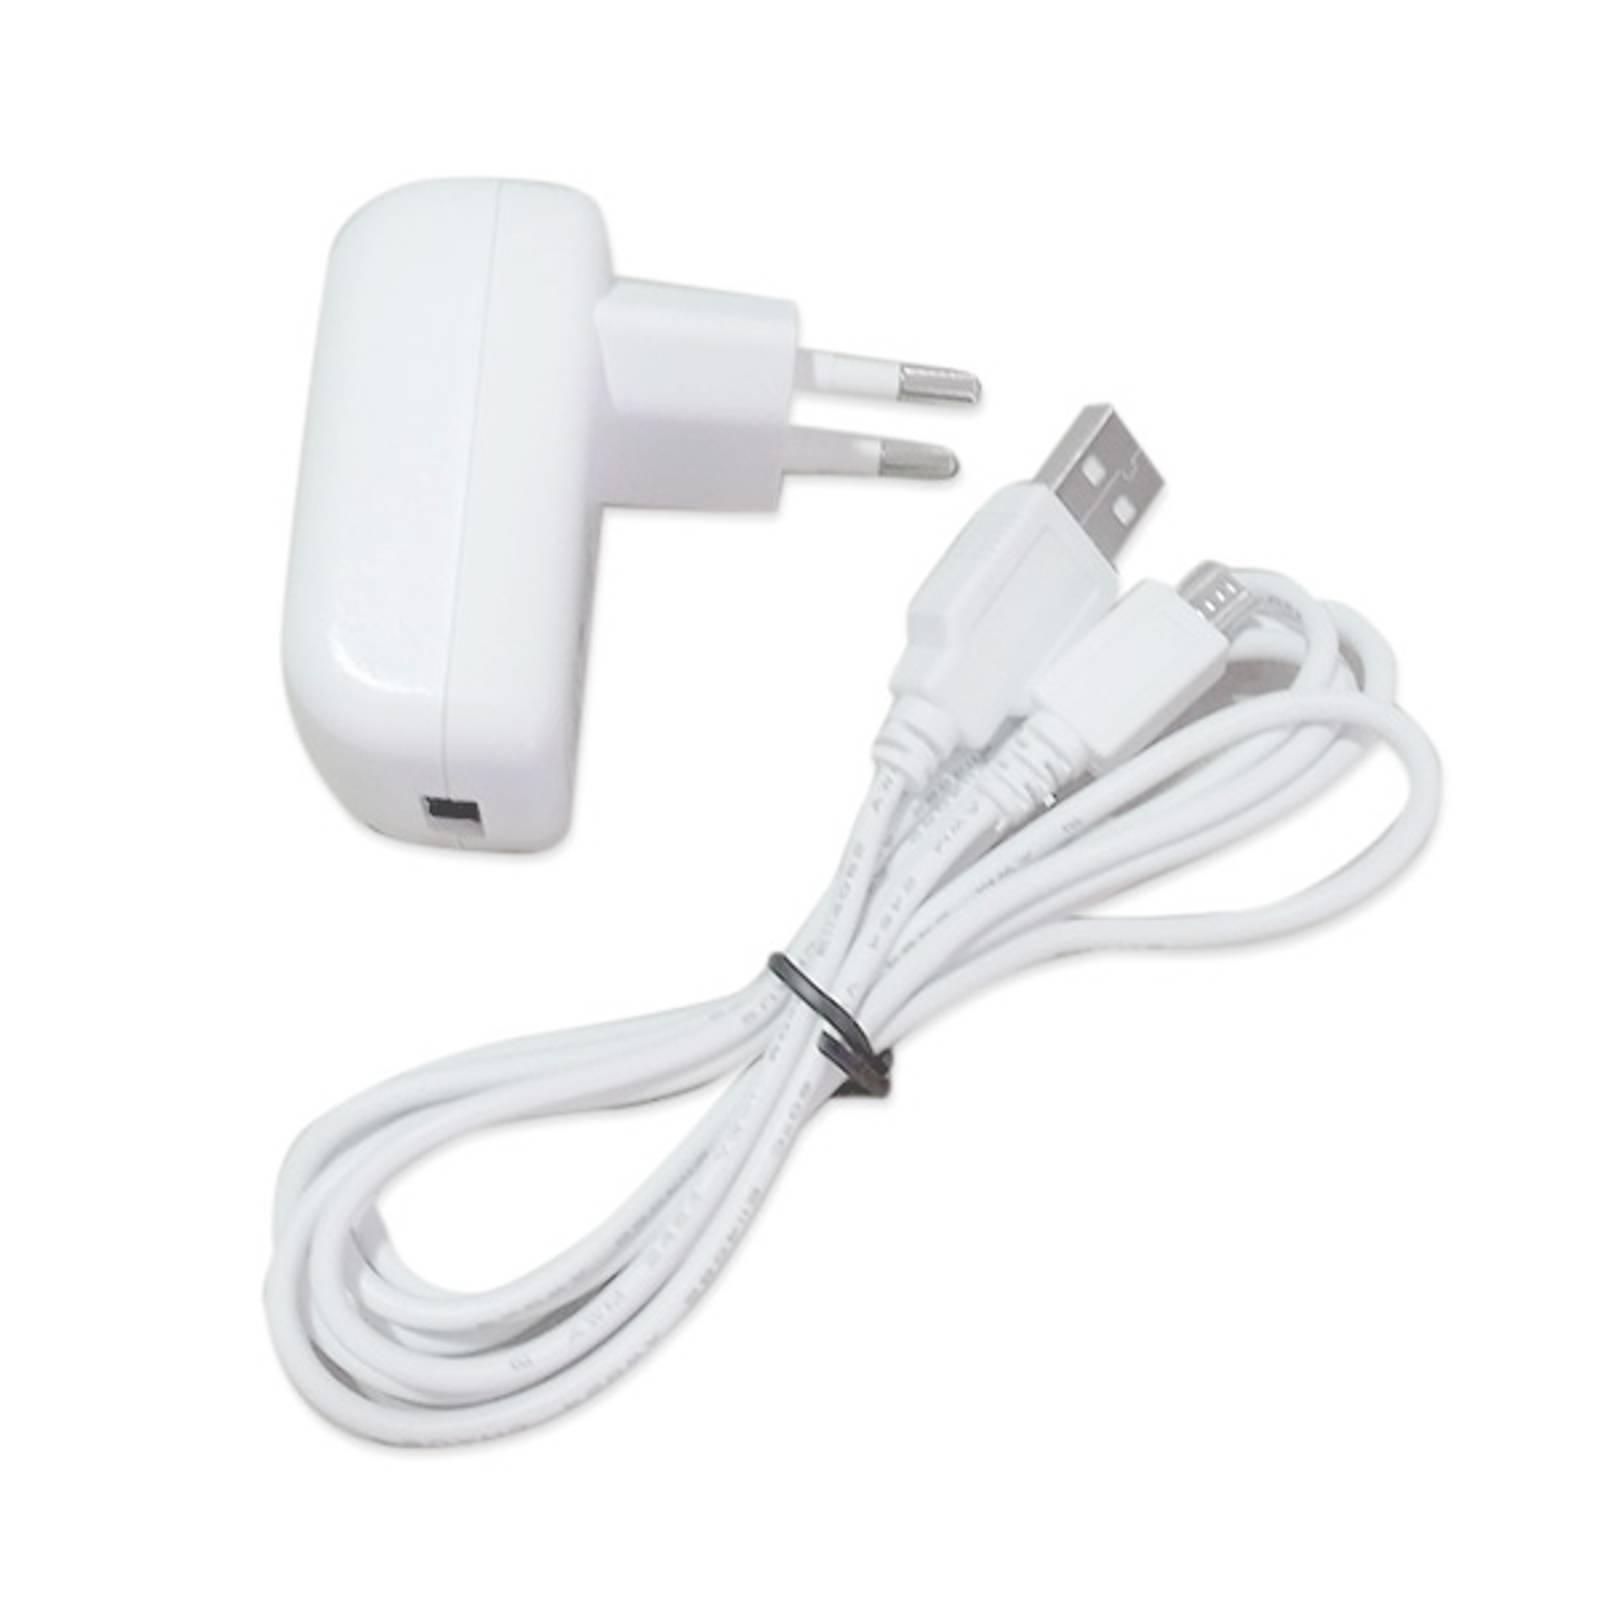 1-USB-latauslaite LED-ulkokoristevalaisin Patiolle